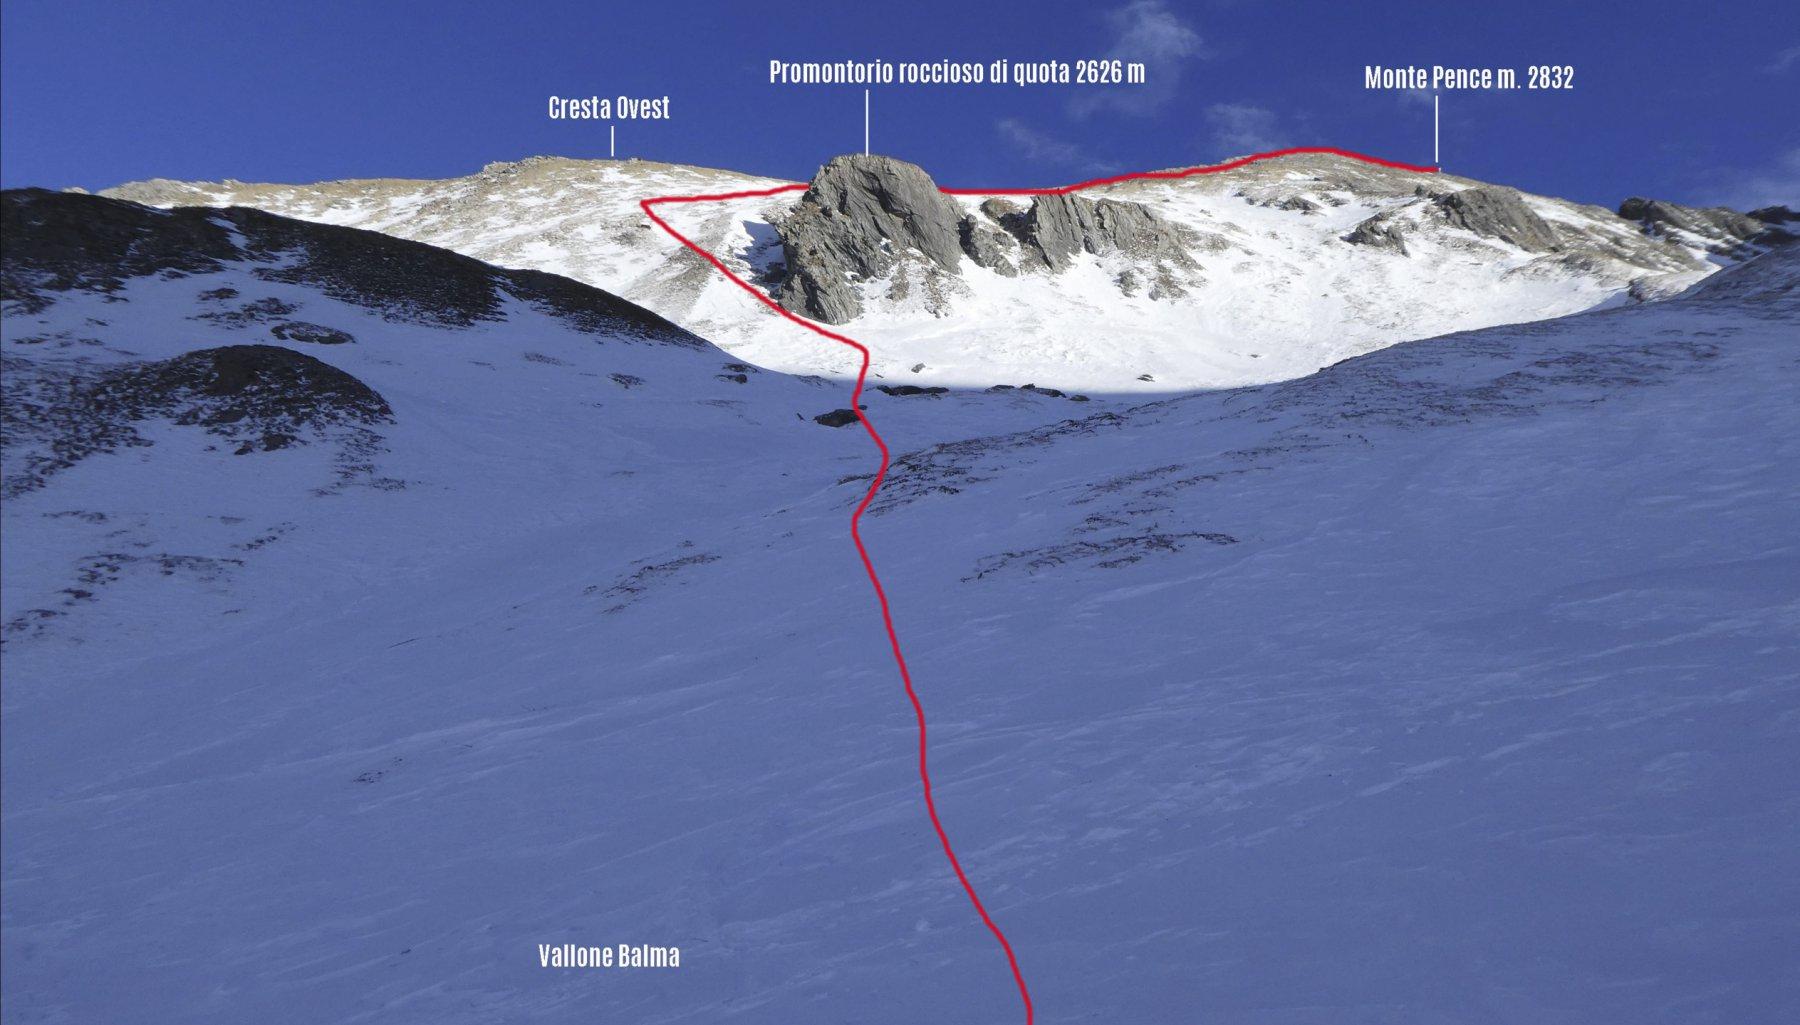 parte alta dell'itinerario di salita visto dalla parte iniziale del Vallone Balma